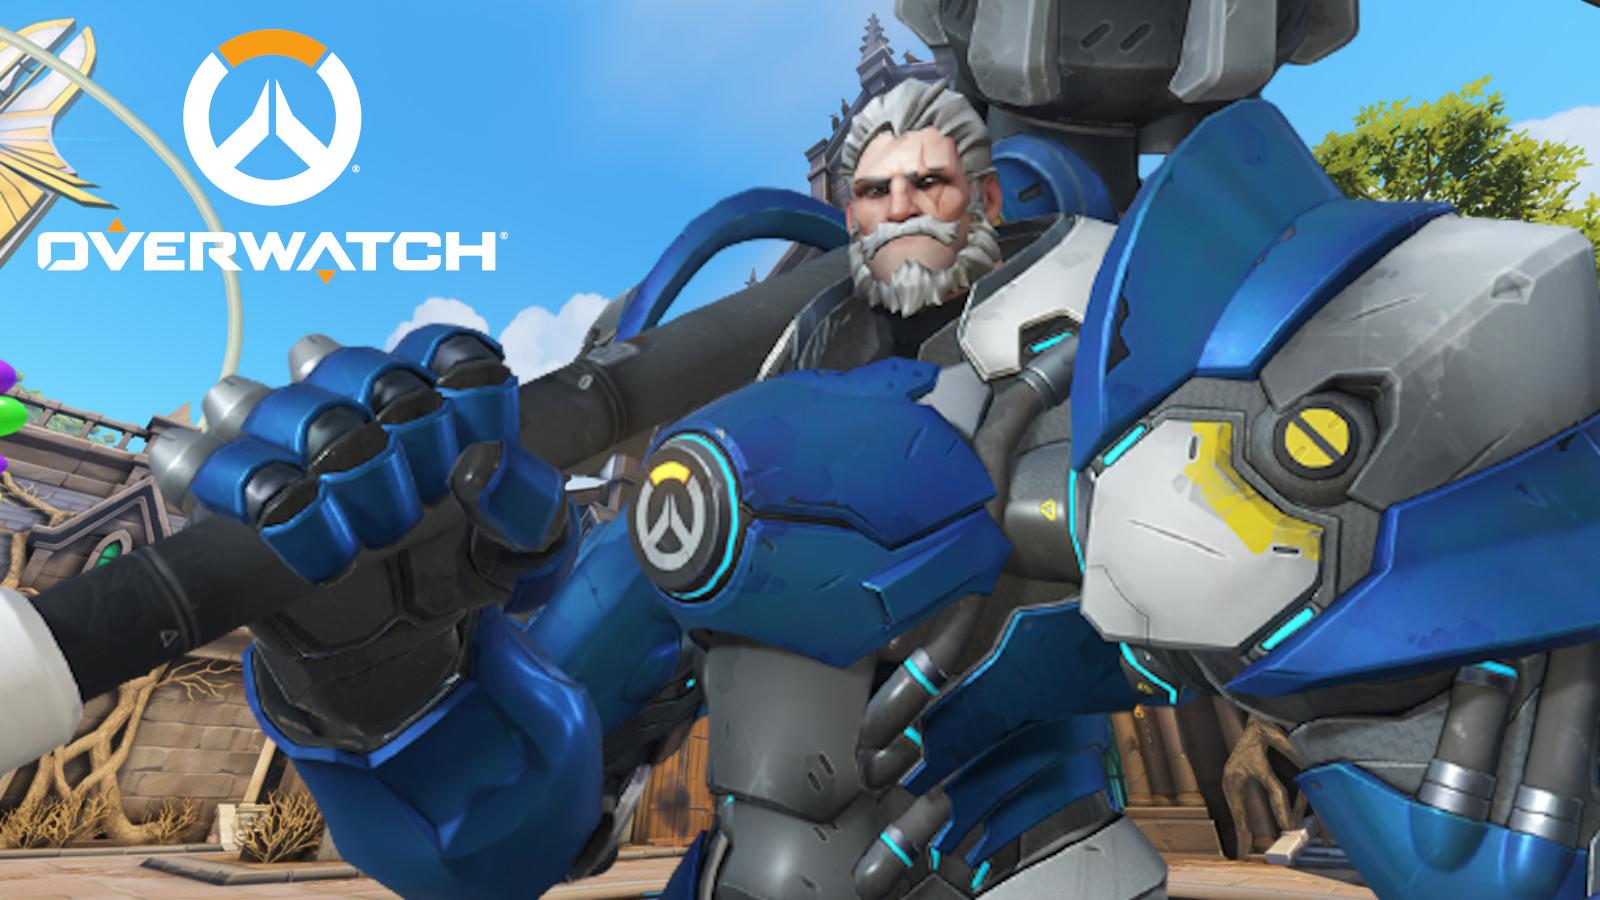 Reinhardt on Blizzard World in Overwatch